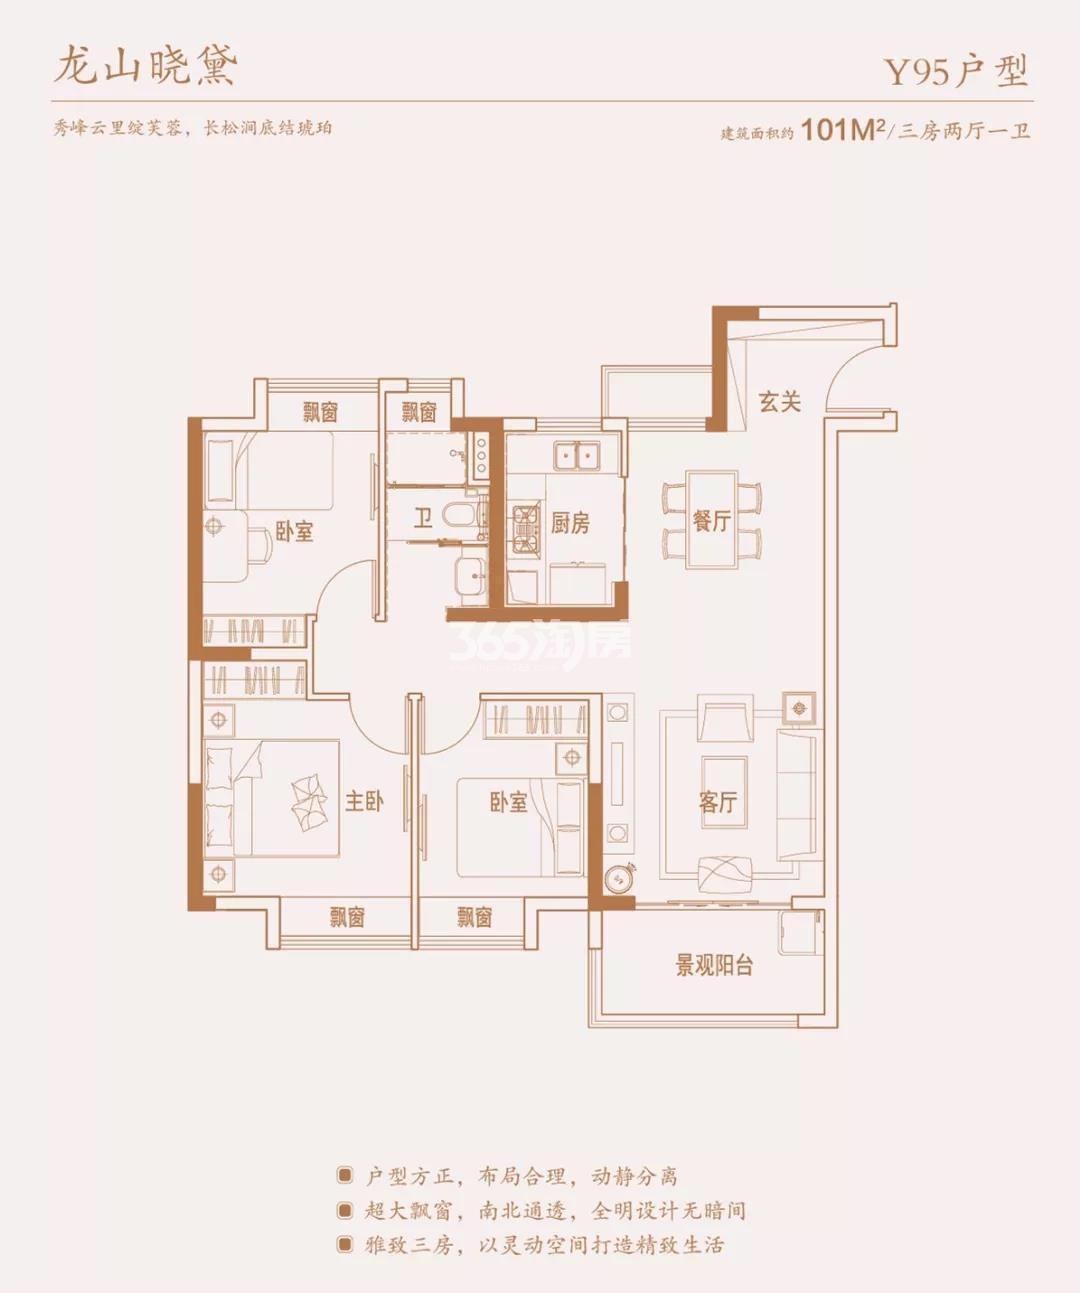 Y95户型  3室2厅1卫 101㎡